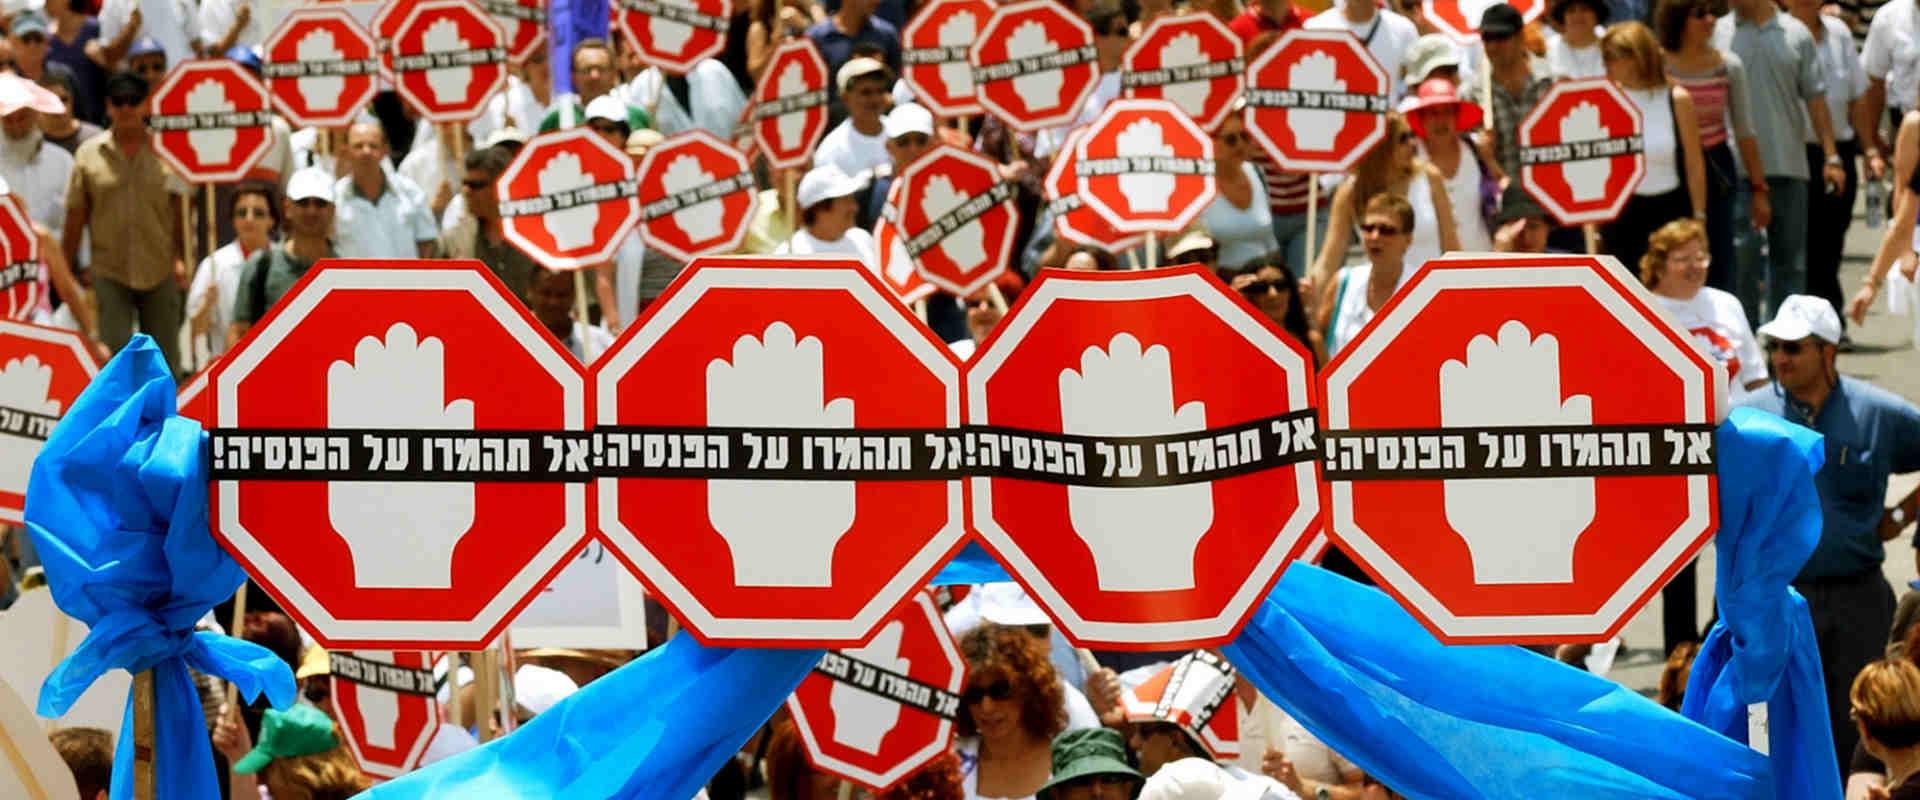 הפגנה נגד פגיעה בזכויות פנסיוניות ב-2003